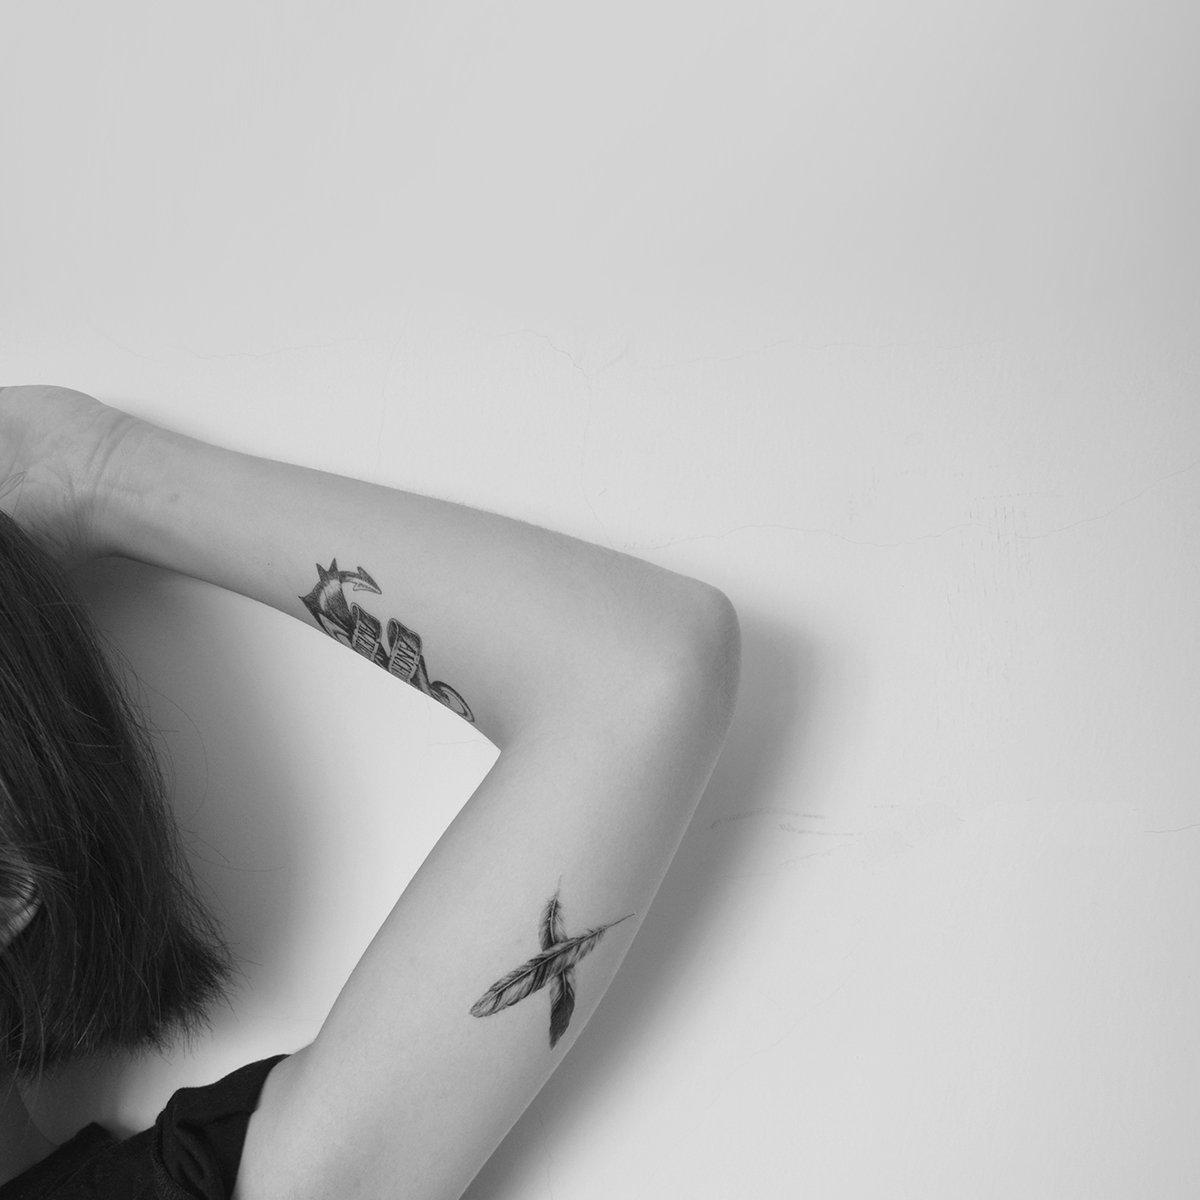 Chileeany Lot de 15 Tatouages Temporaire Tattoos /Étanche 105x60 mm,Tatouage temporaire pour homme femme adulte,motifs vari/és